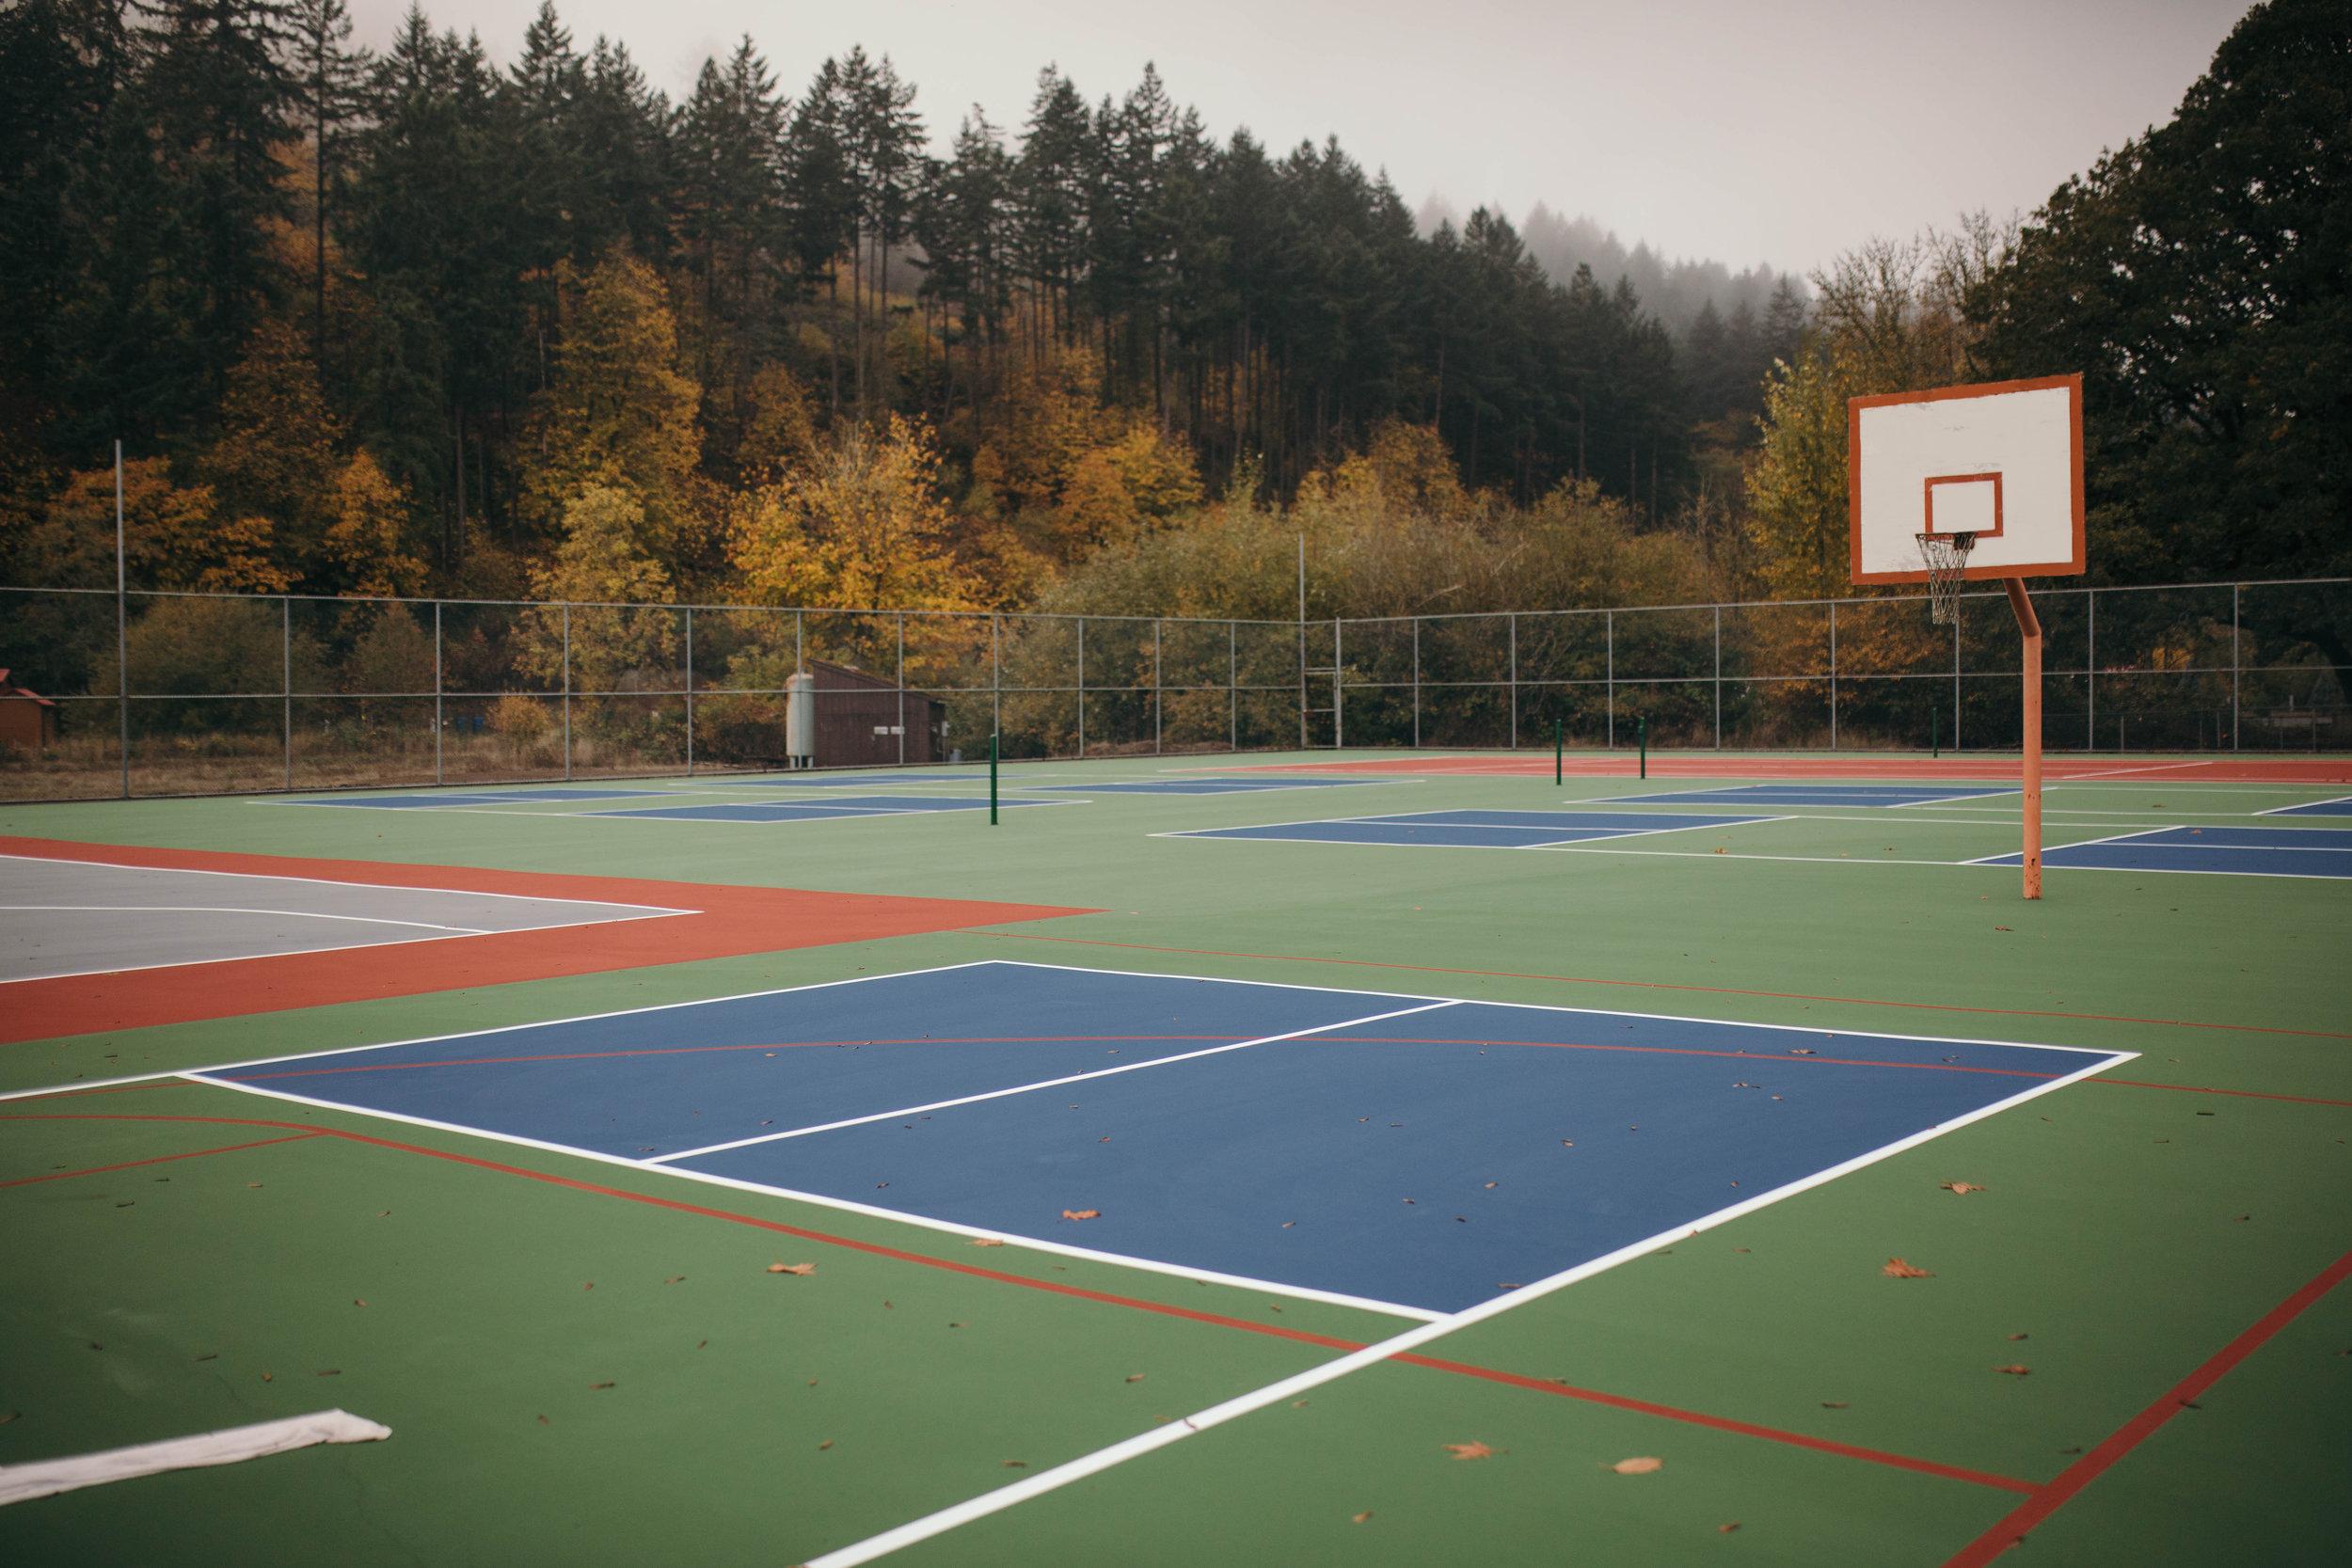 Basket Ball CouBasket Ball Court Near Hope Valley Resort Near Hope Valley Resort